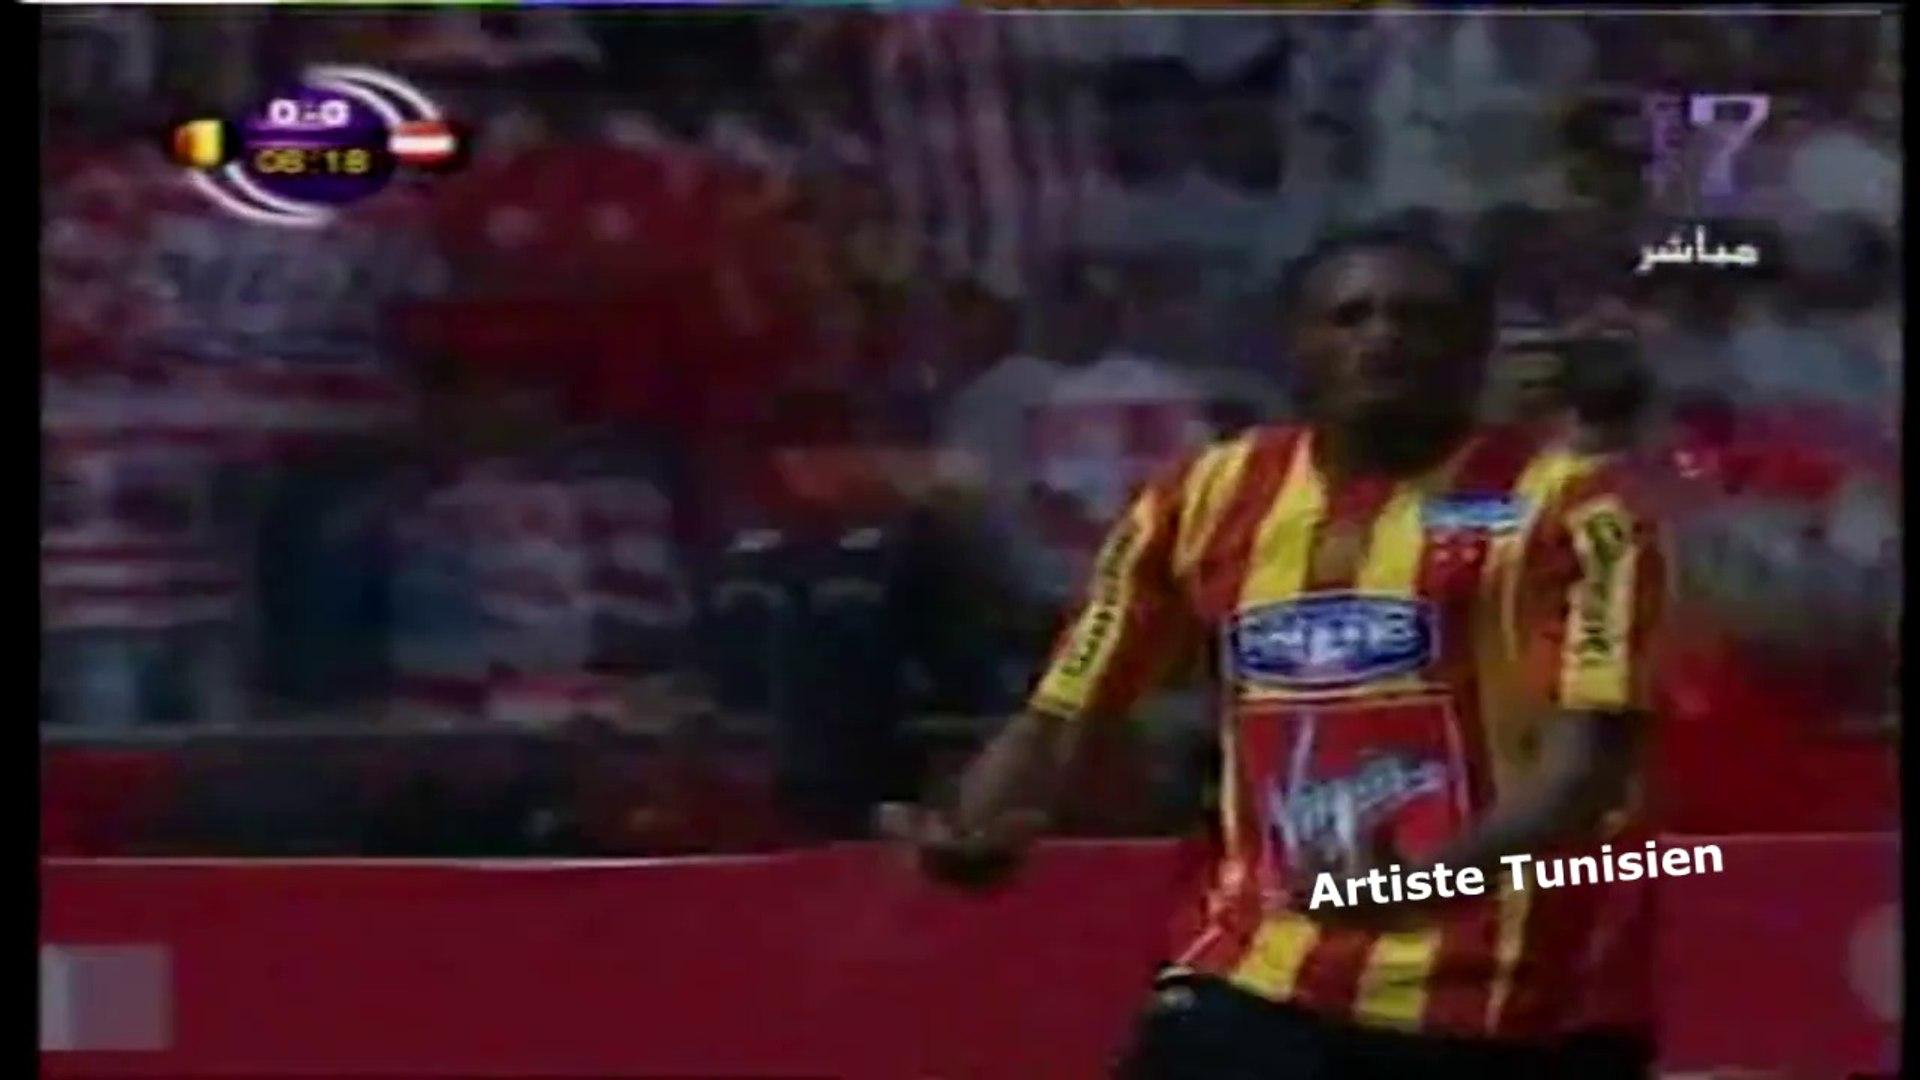 [Finale Coupe de Tunisie 2006] CA 0-1 EST - But de Michael Eneramo (09') 12-05-2006